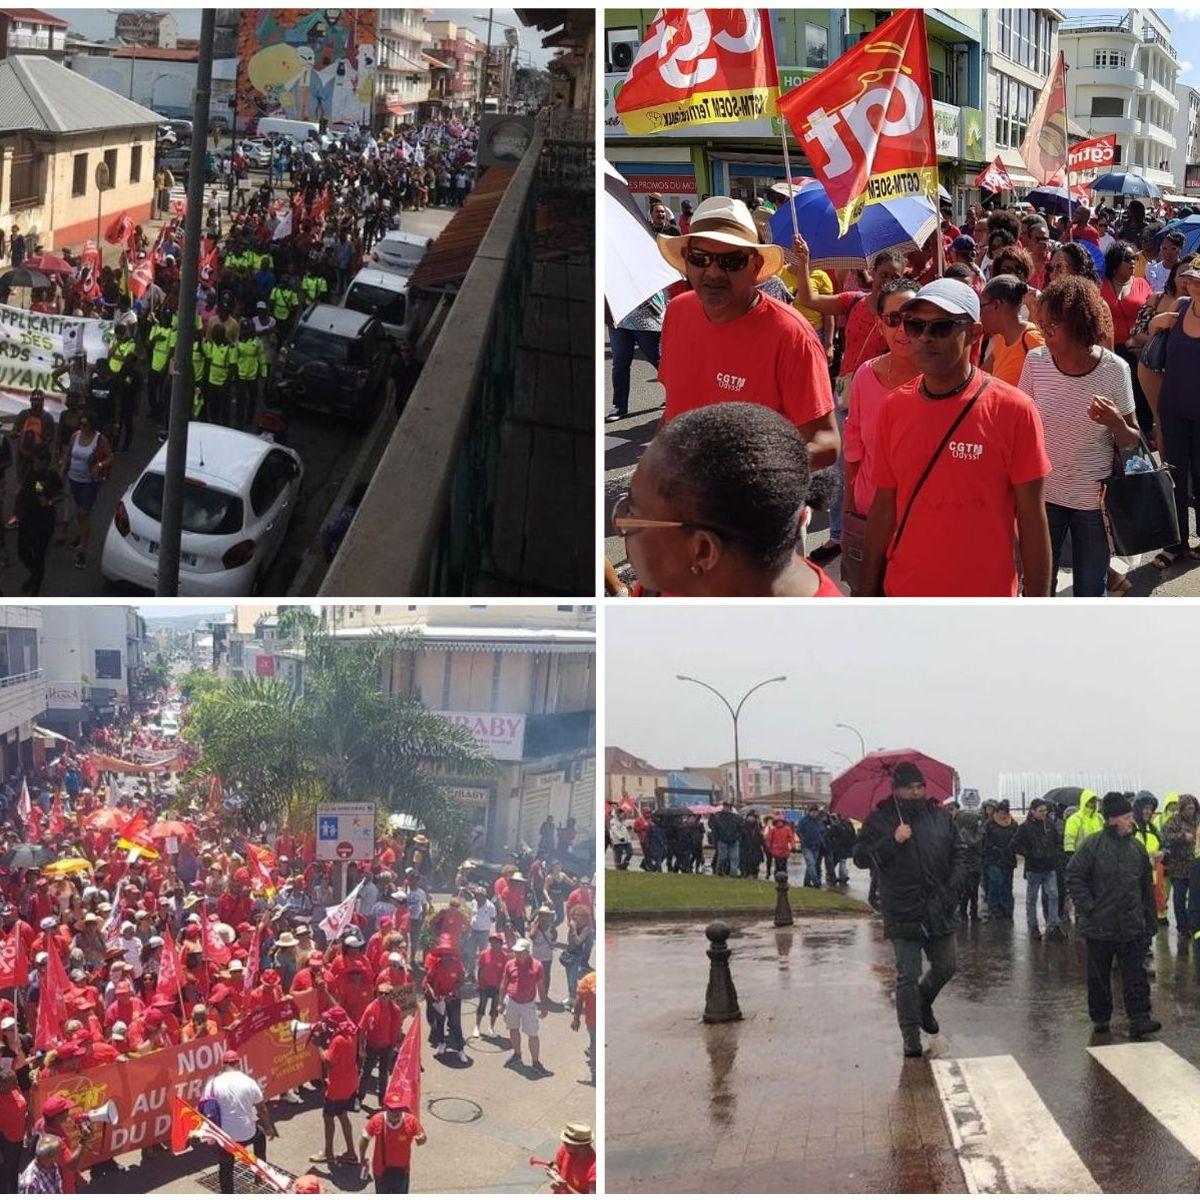 De la Guyane à la Polynésie, forte mobilisation en Outre-mer contre la réforme des retraites